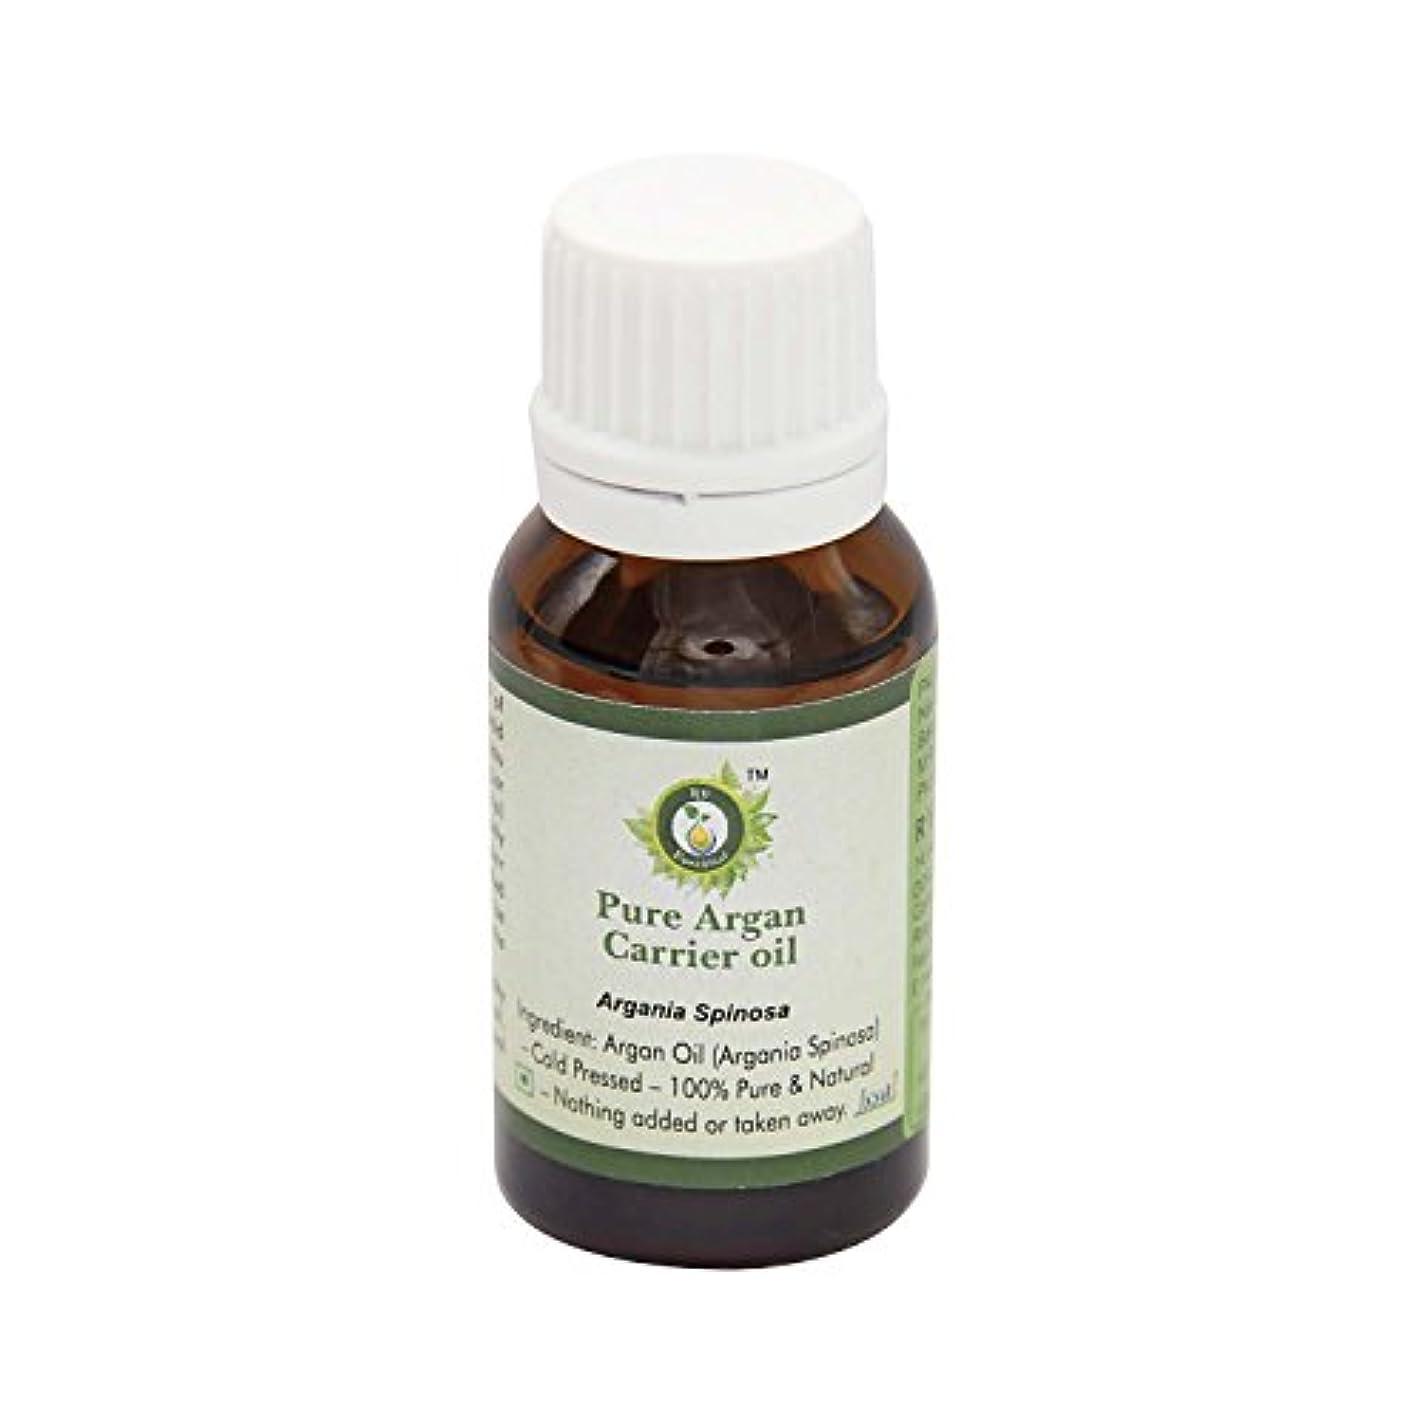 安らぎ帰るどんなときもR V Essential ピュアアルガンキャリアオイル10ml (0.338oz)- Argania Spinosa (100%ピュア&ナチュラルコールドPressed) Pure Argan Carrier Oil